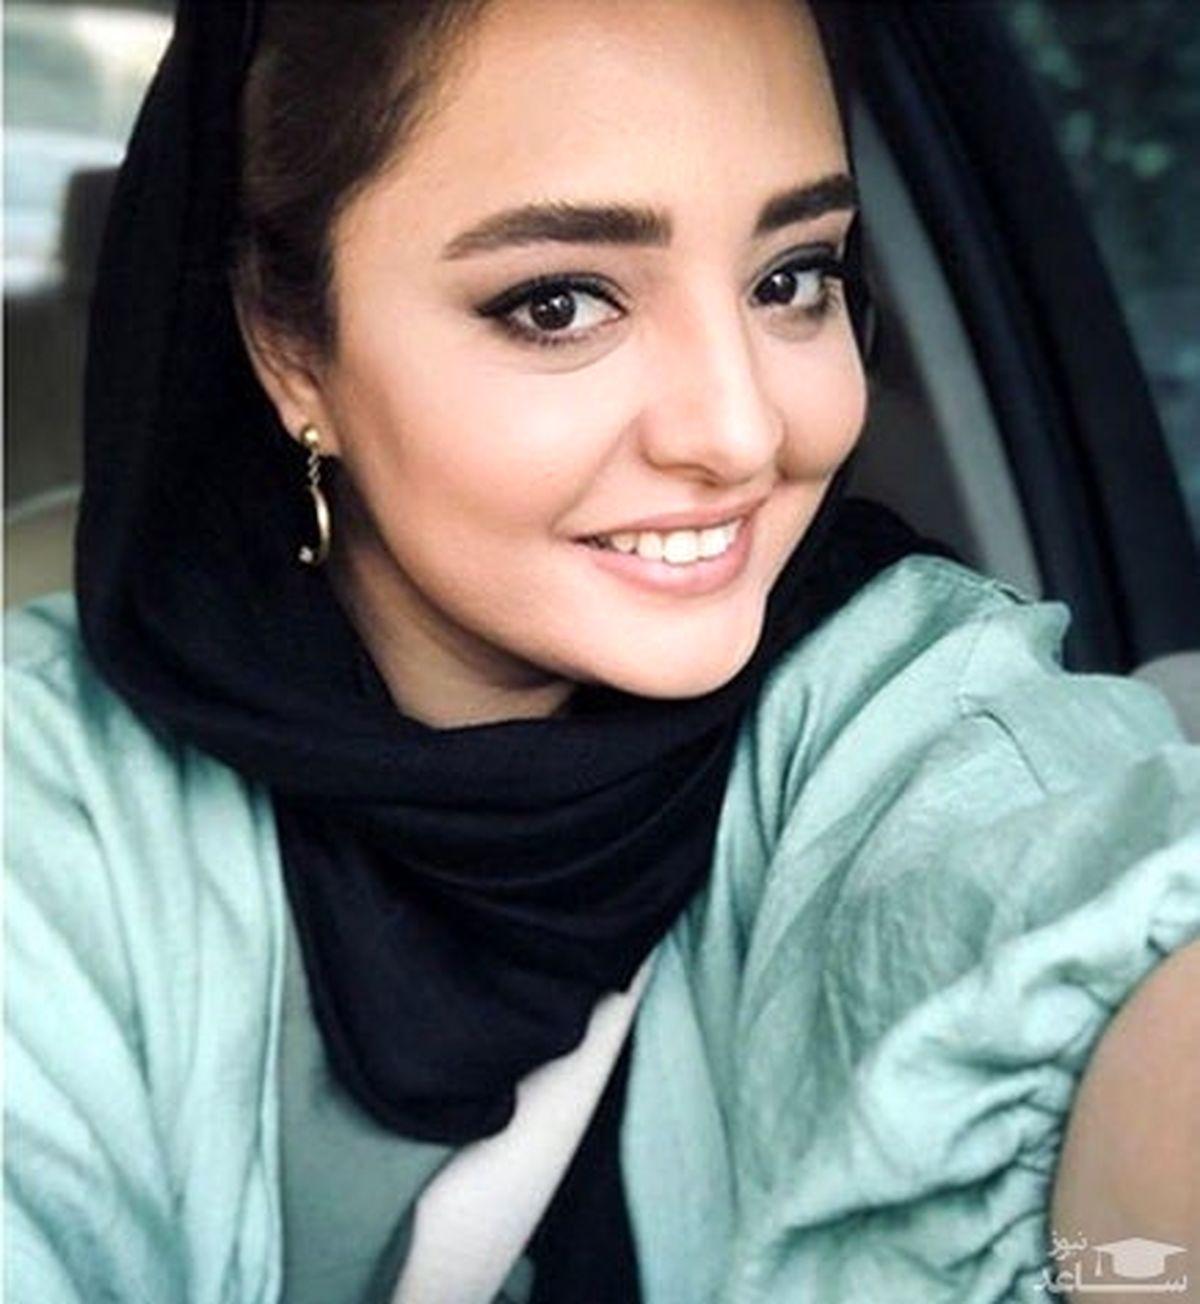 عکس عروسی نرگس محمدی با حجاب ناجور سوژه رسانه ها شد + عکس